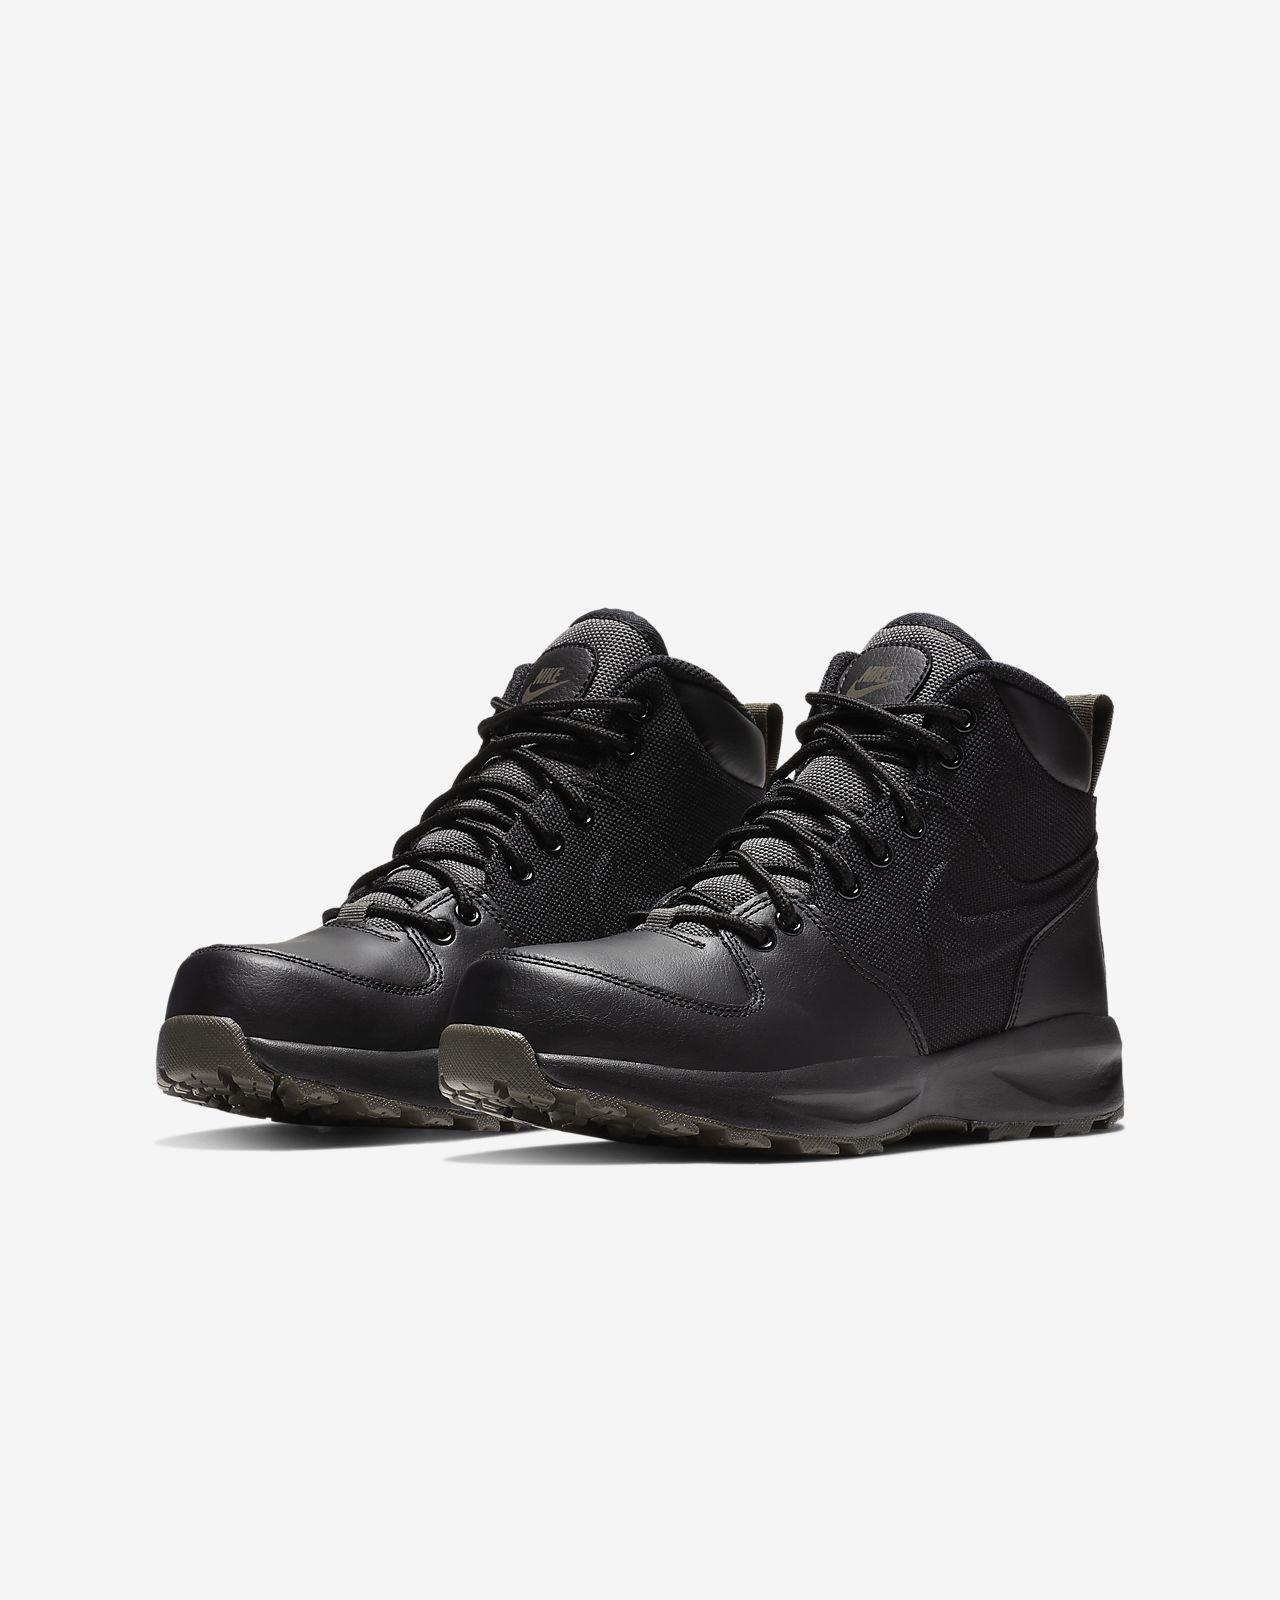 1823a75421a1 Nike Manoa Older Kids  Boot. Nike.com ZA